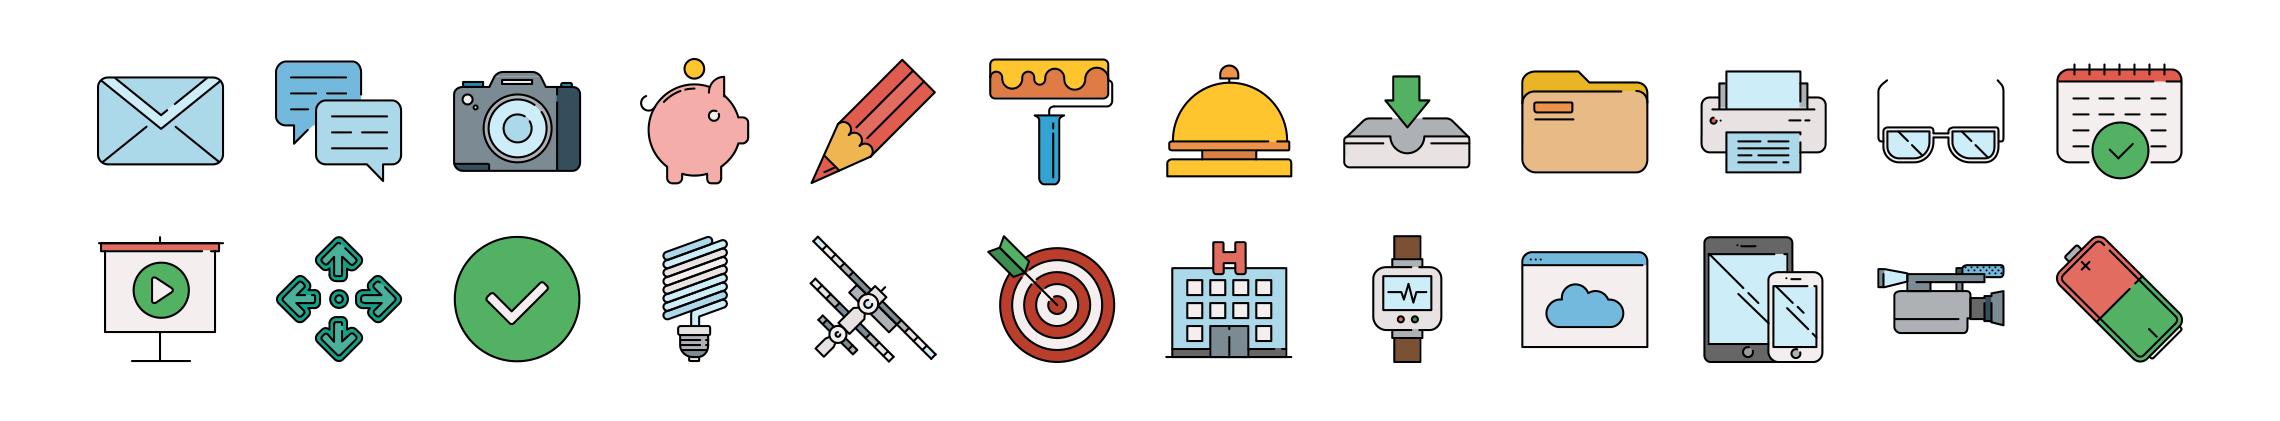 responsive free icons